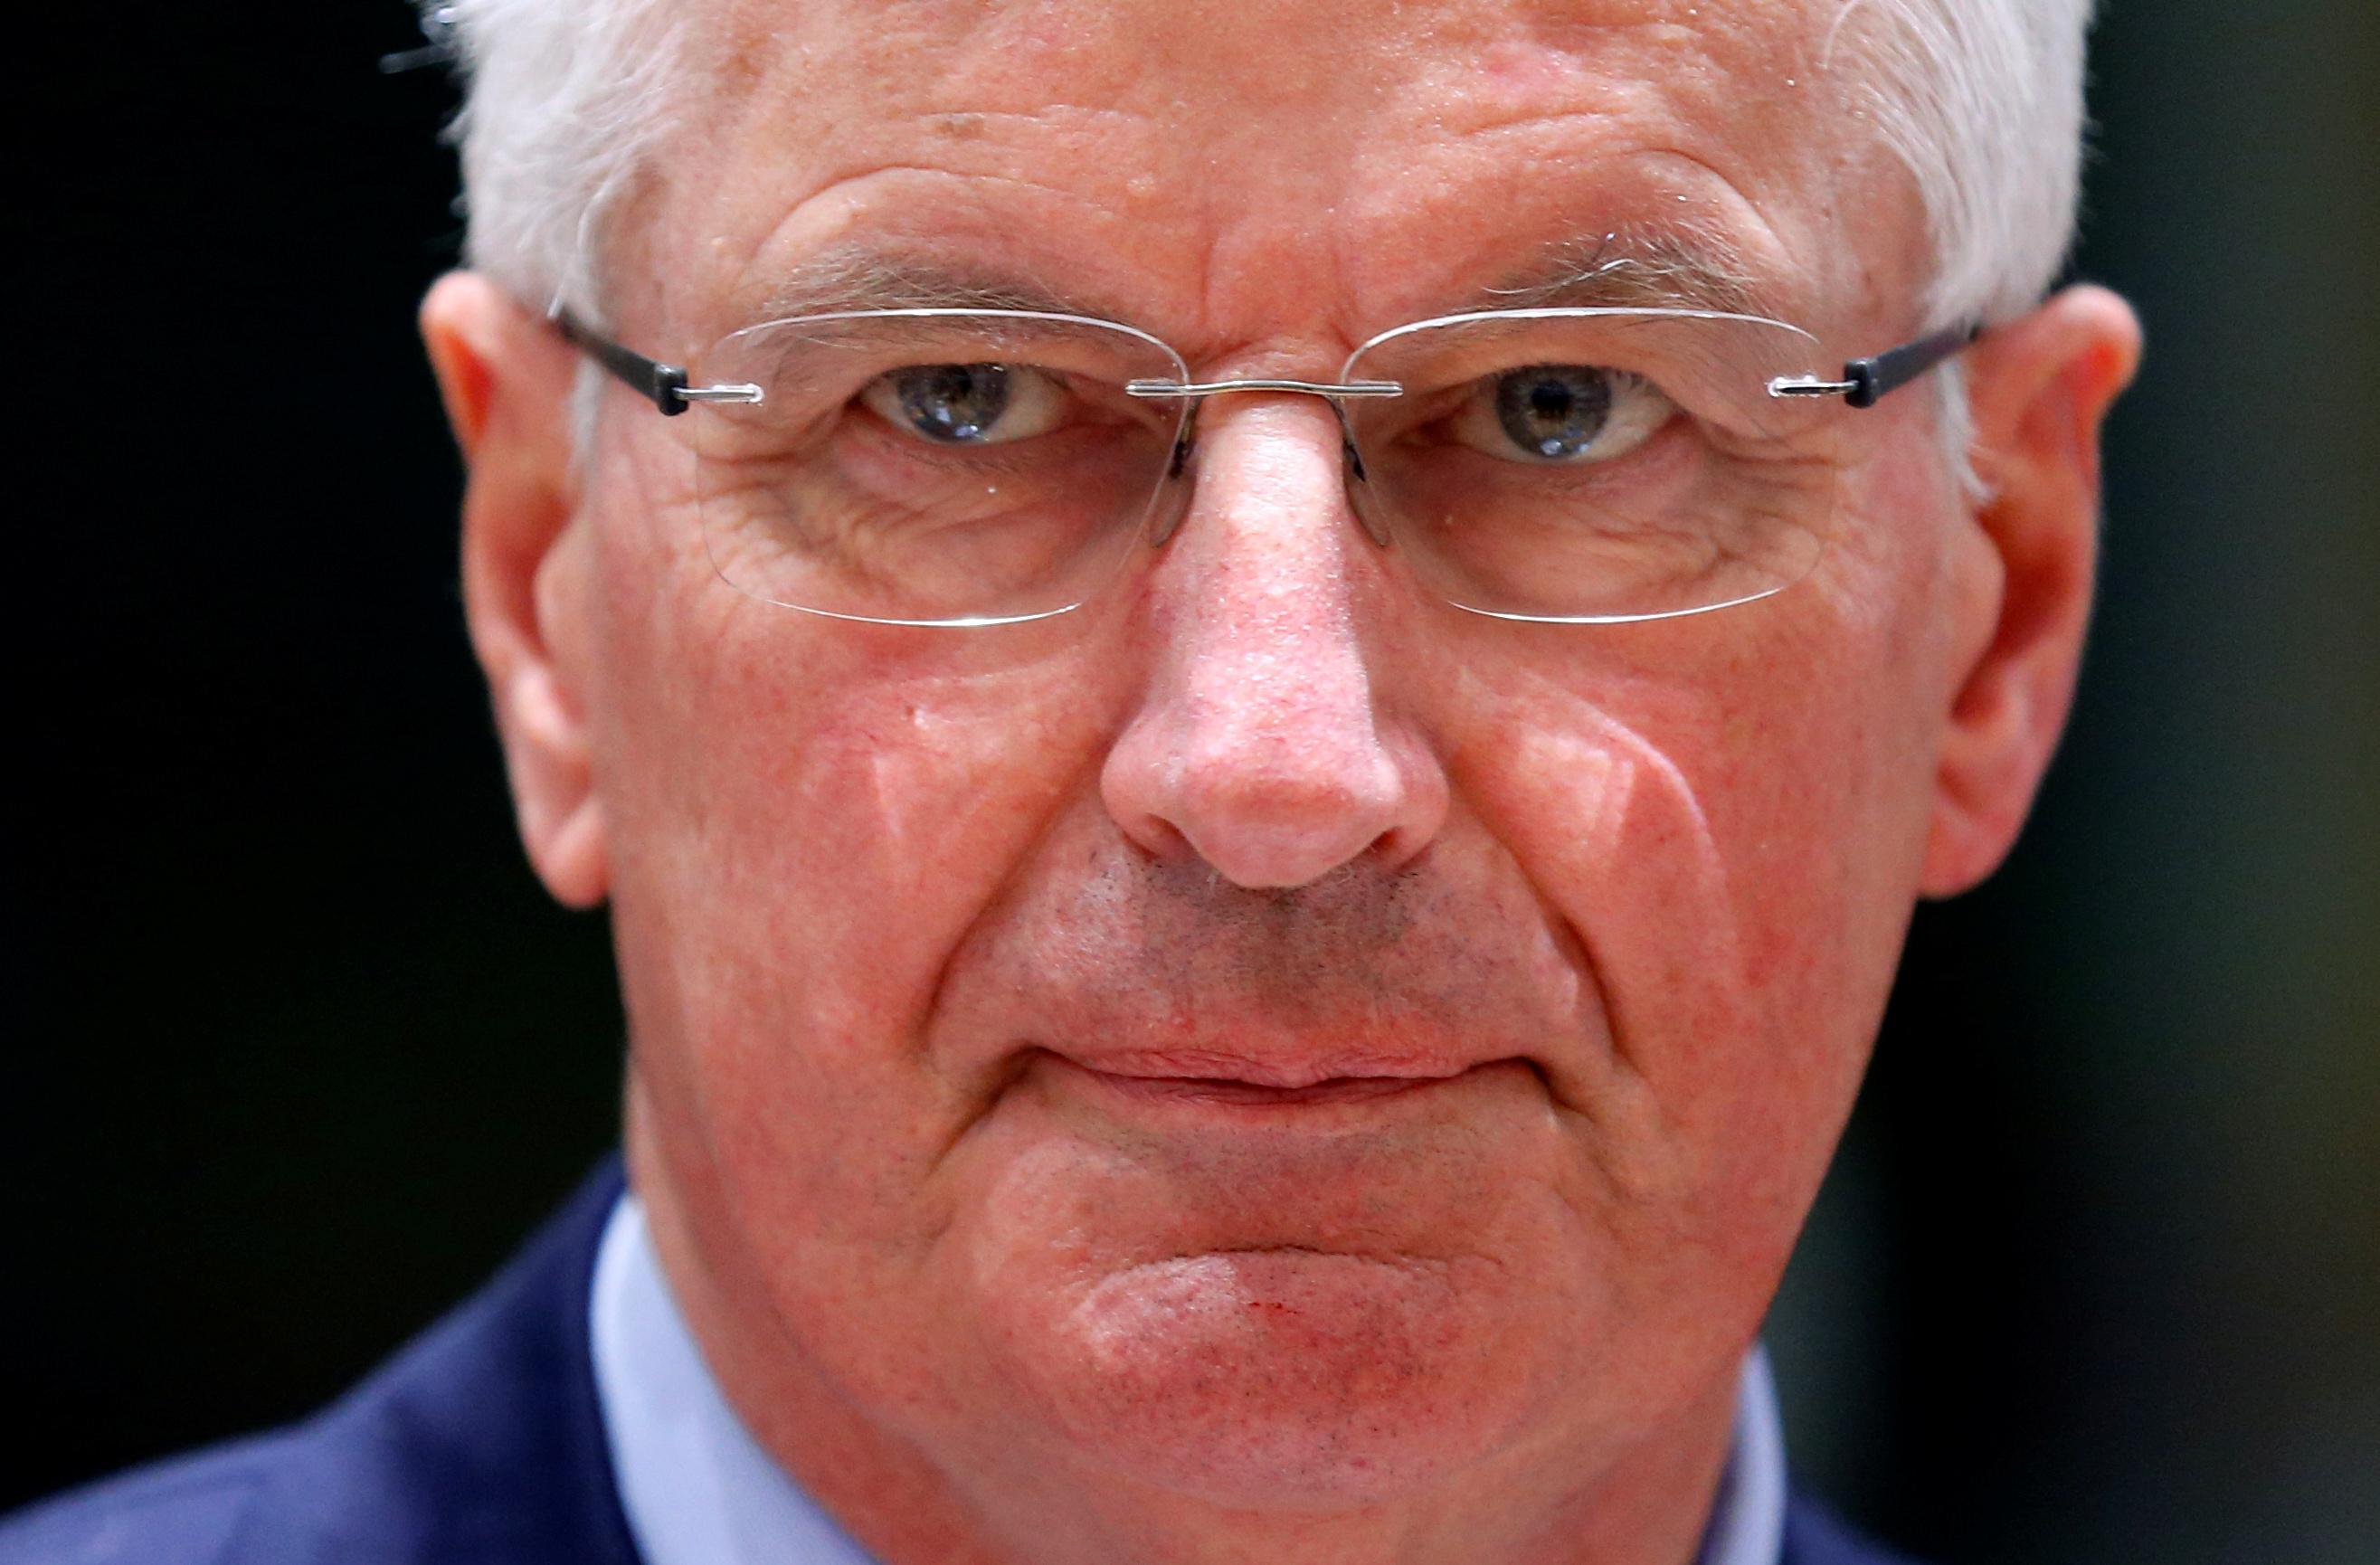 Barnier de la UE dice que el plan de la frontera irlandesa del Reino Unido no debe dañar el mercado de la UE